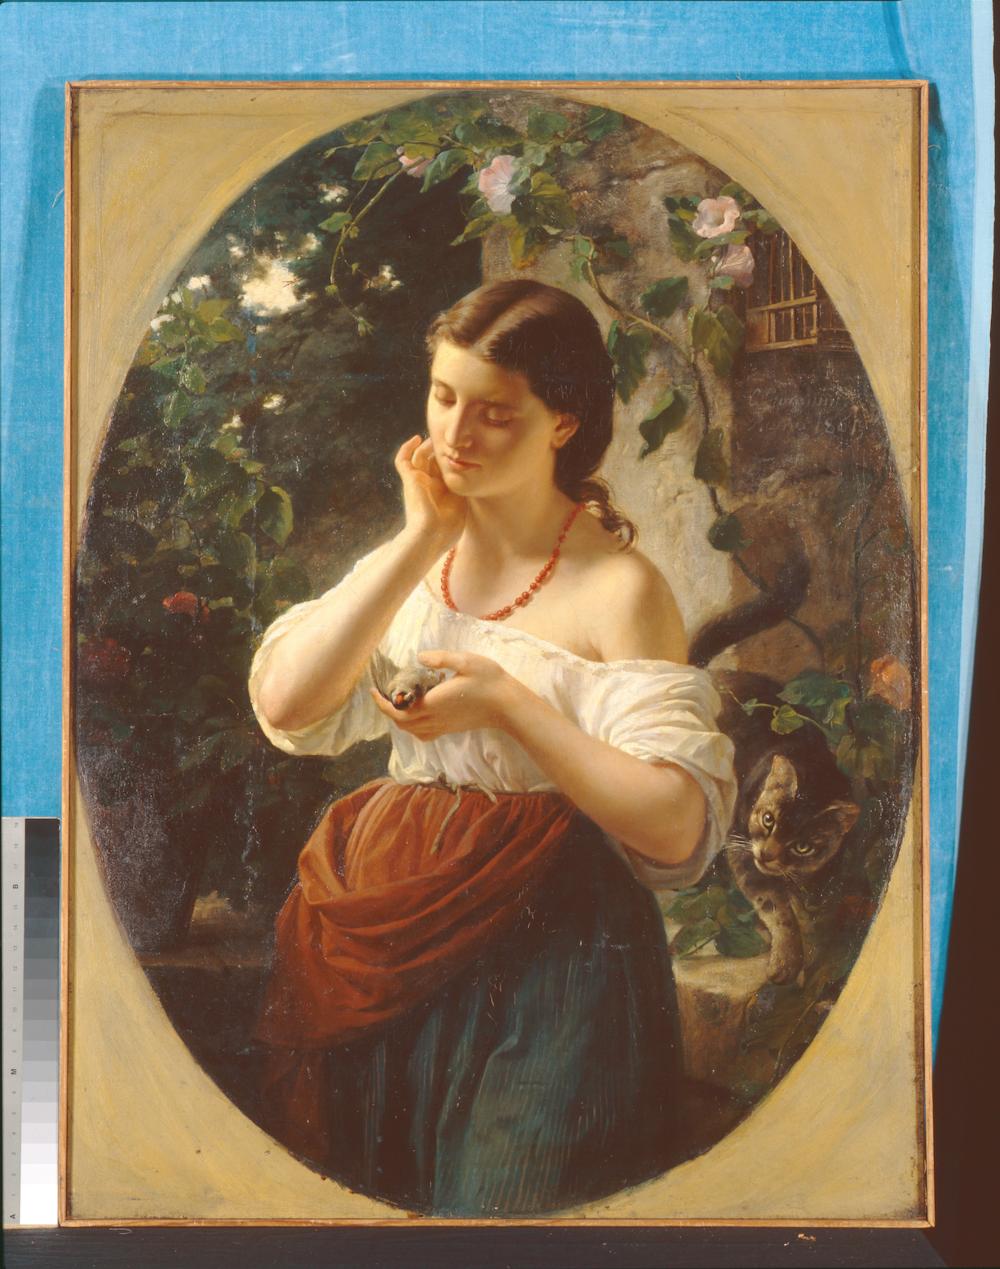 «Дівчина з мертвою пташкою» Фракасіні Чезаре, 19 ст. Зображення надано Музеєм Ханенків